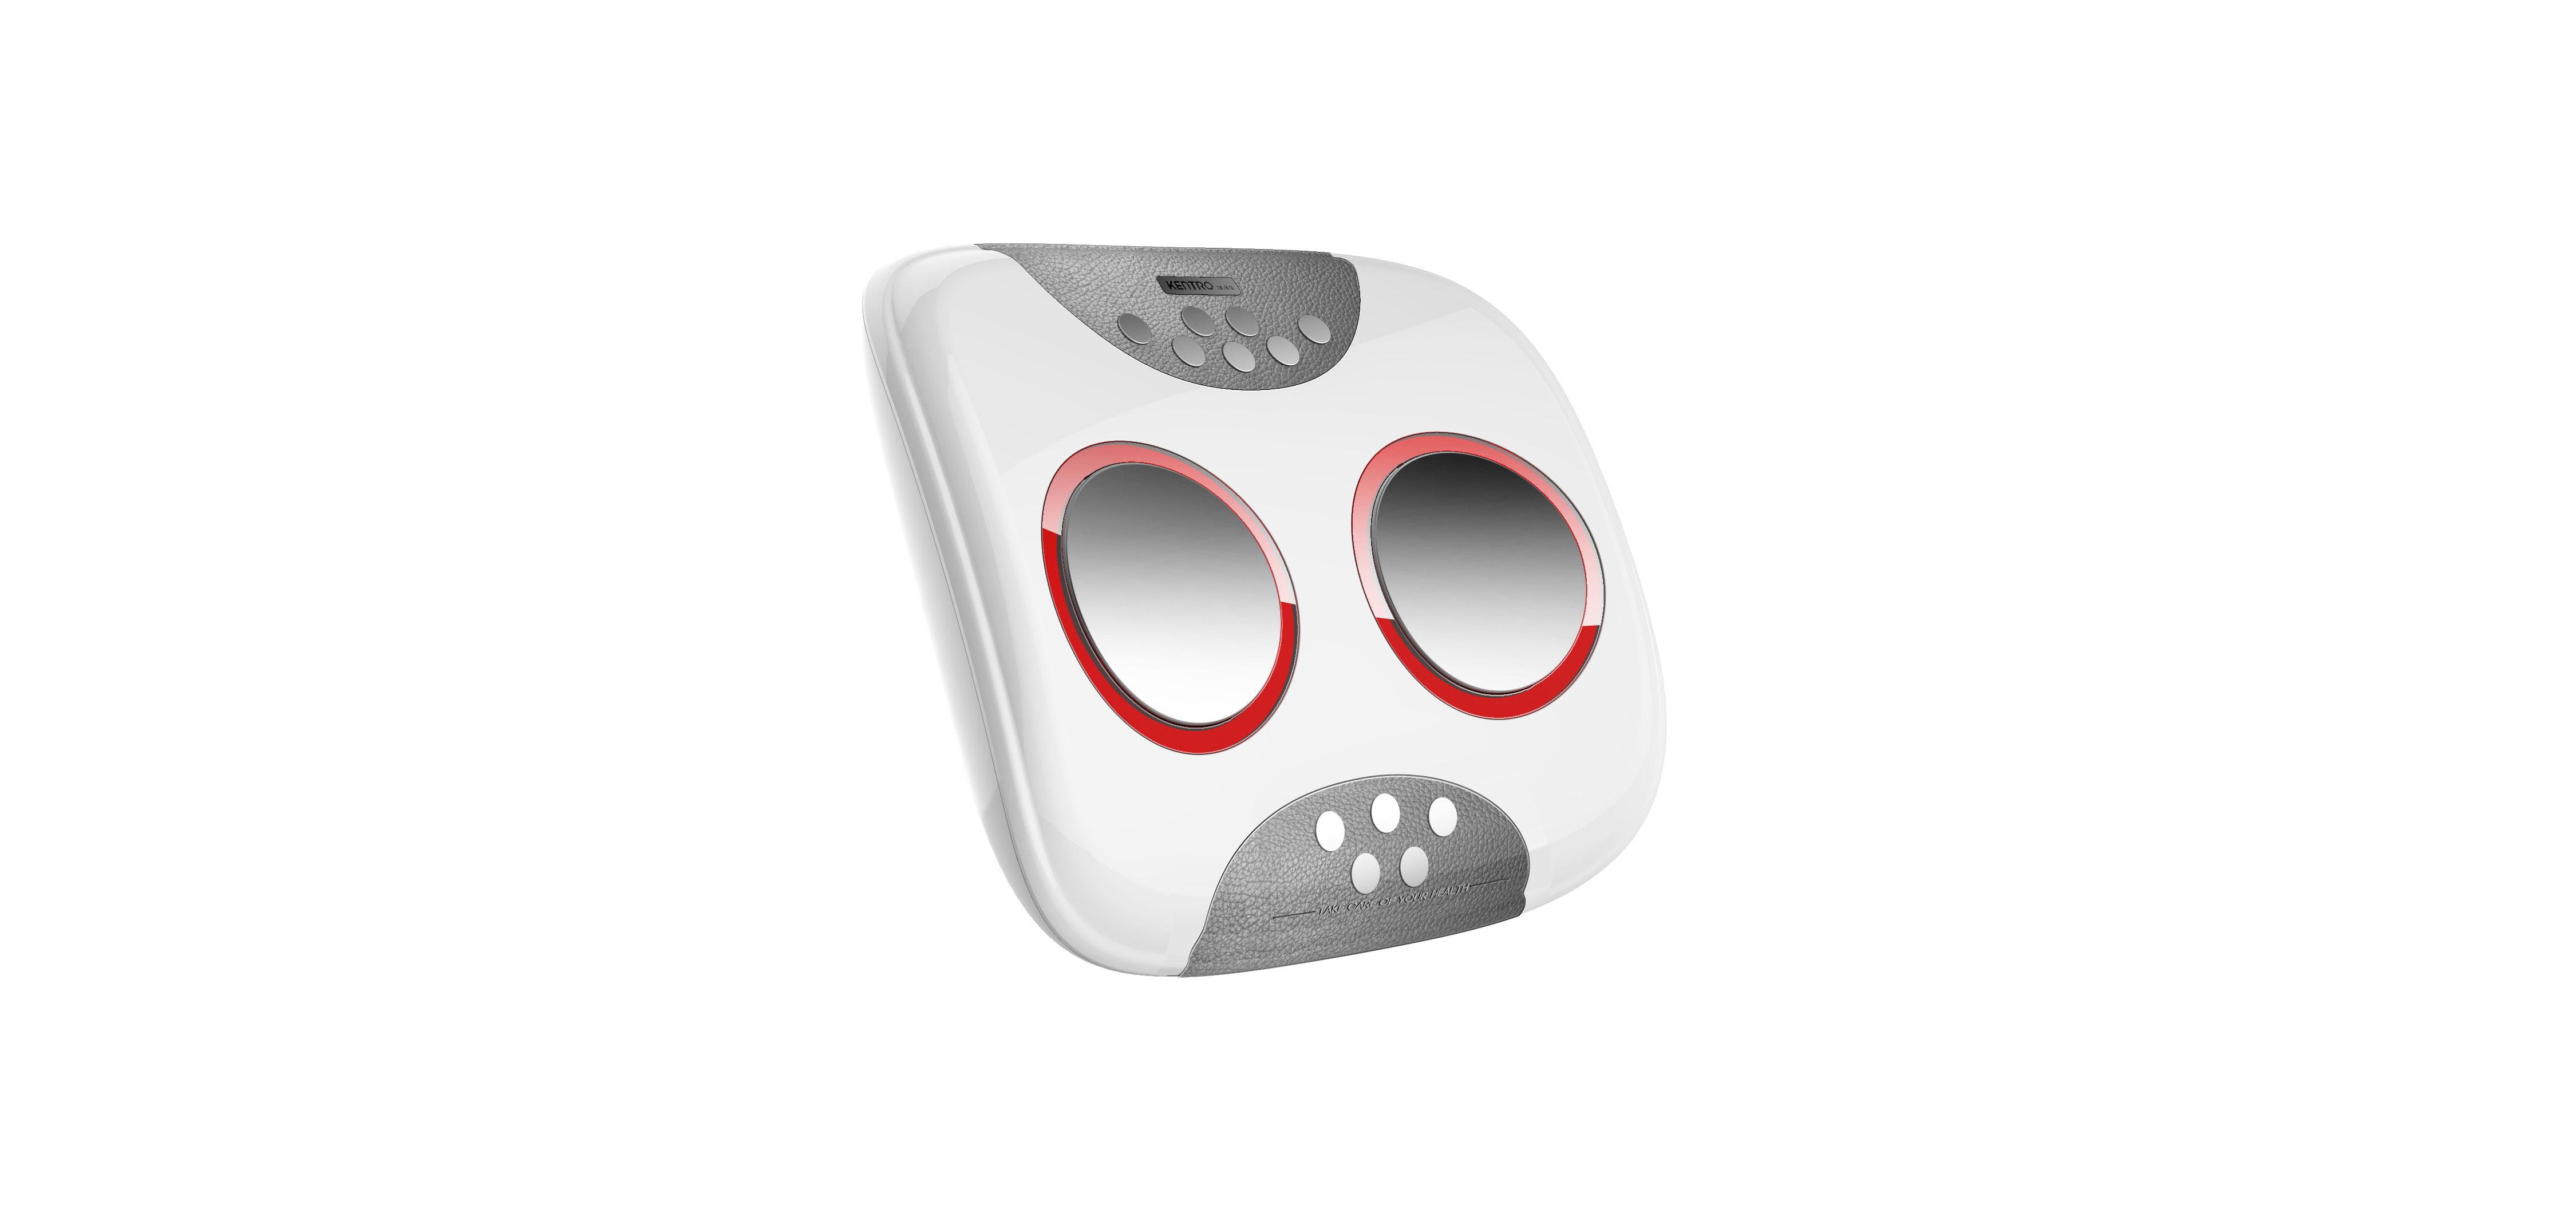 小型腰椎治疗仪2_产品设计-来设计